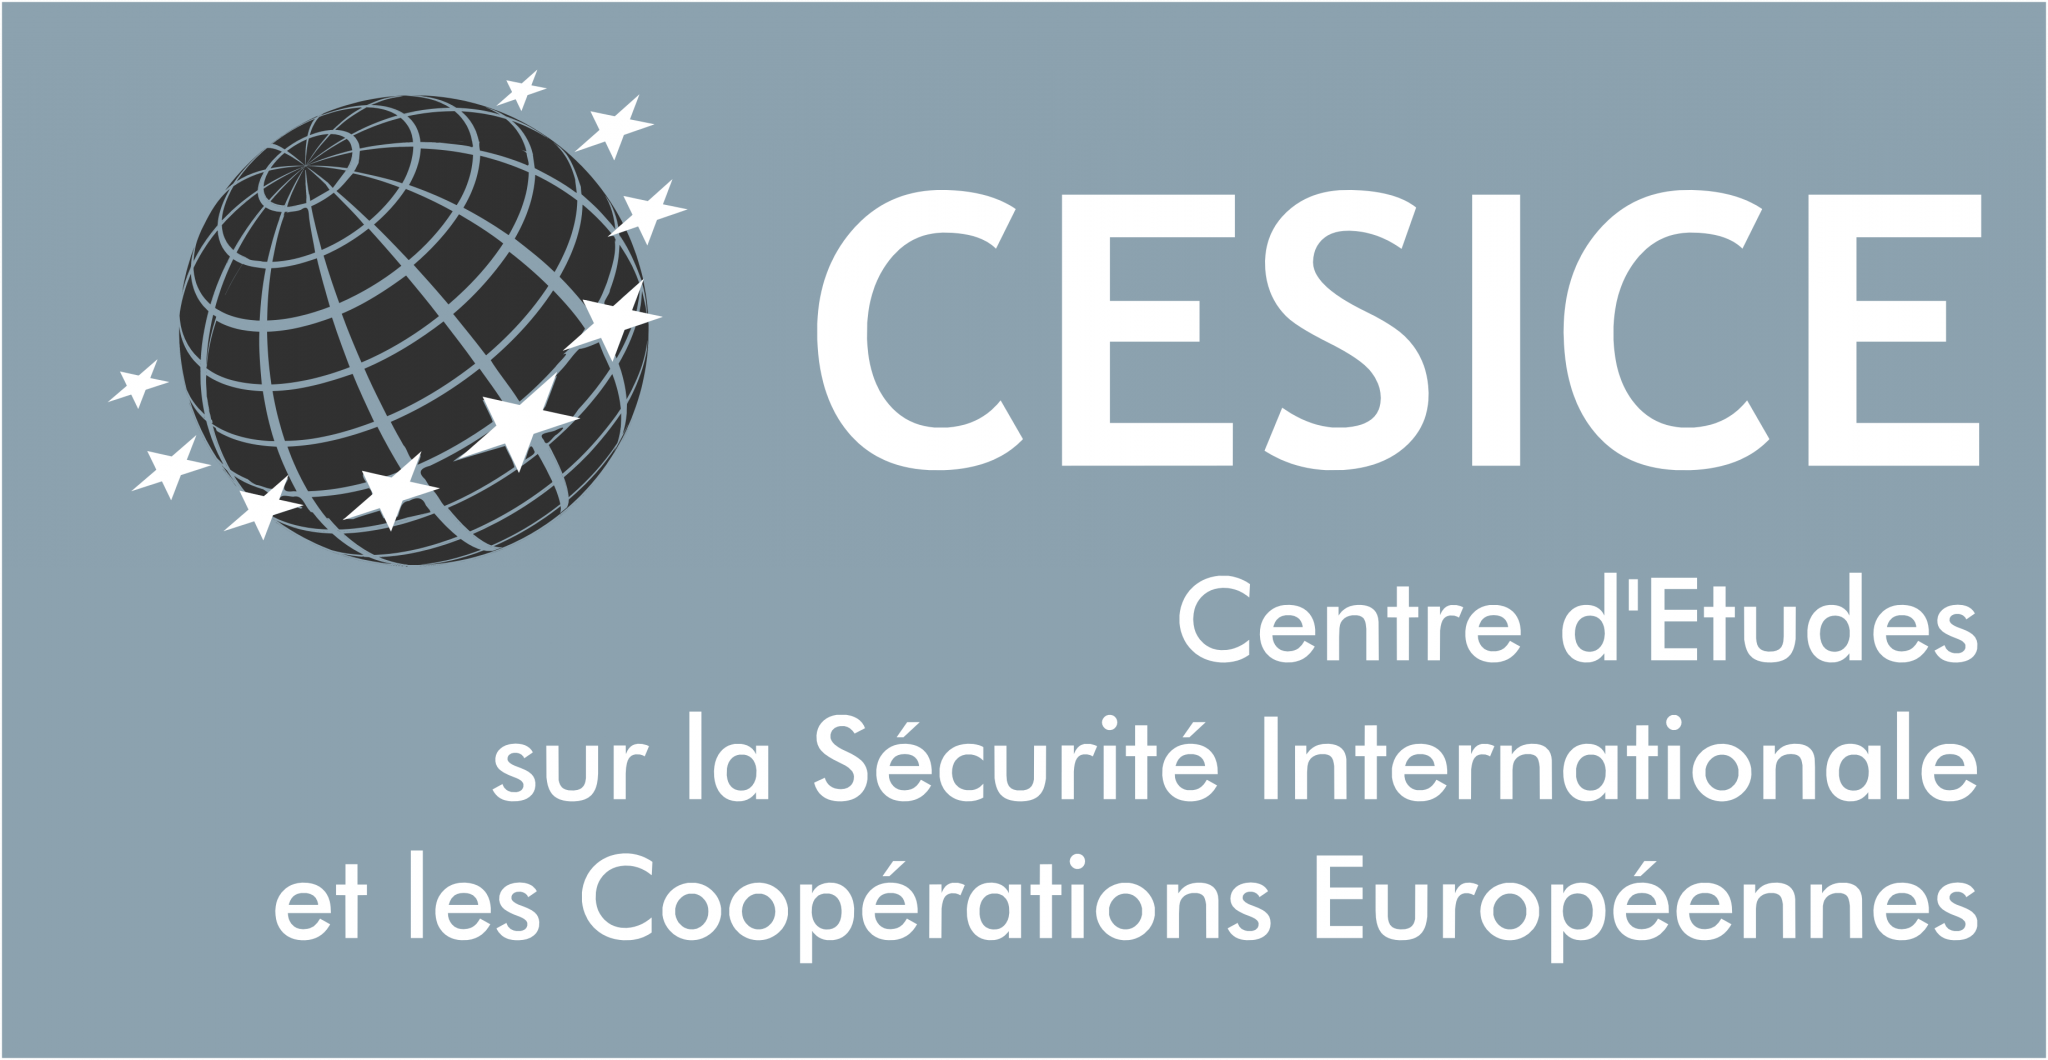 Logo de CESICE, Centre d'Études sur la Sécurité Internationale et les Coopérations Européennes